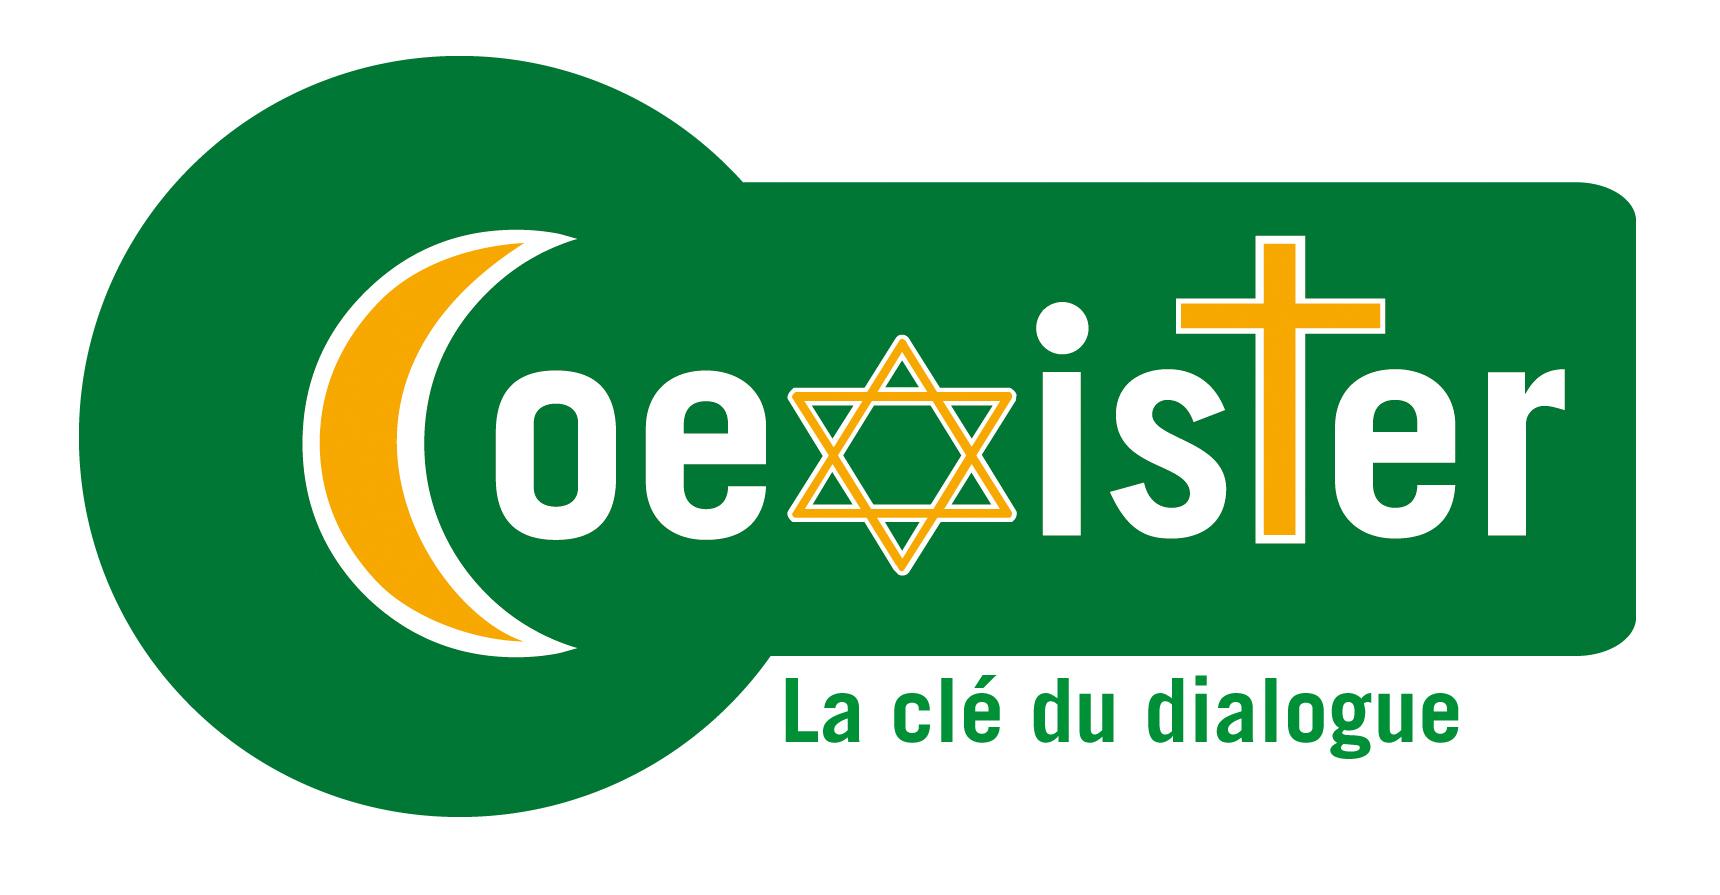 Coexister – Le mouvement interreligieux des jeunes